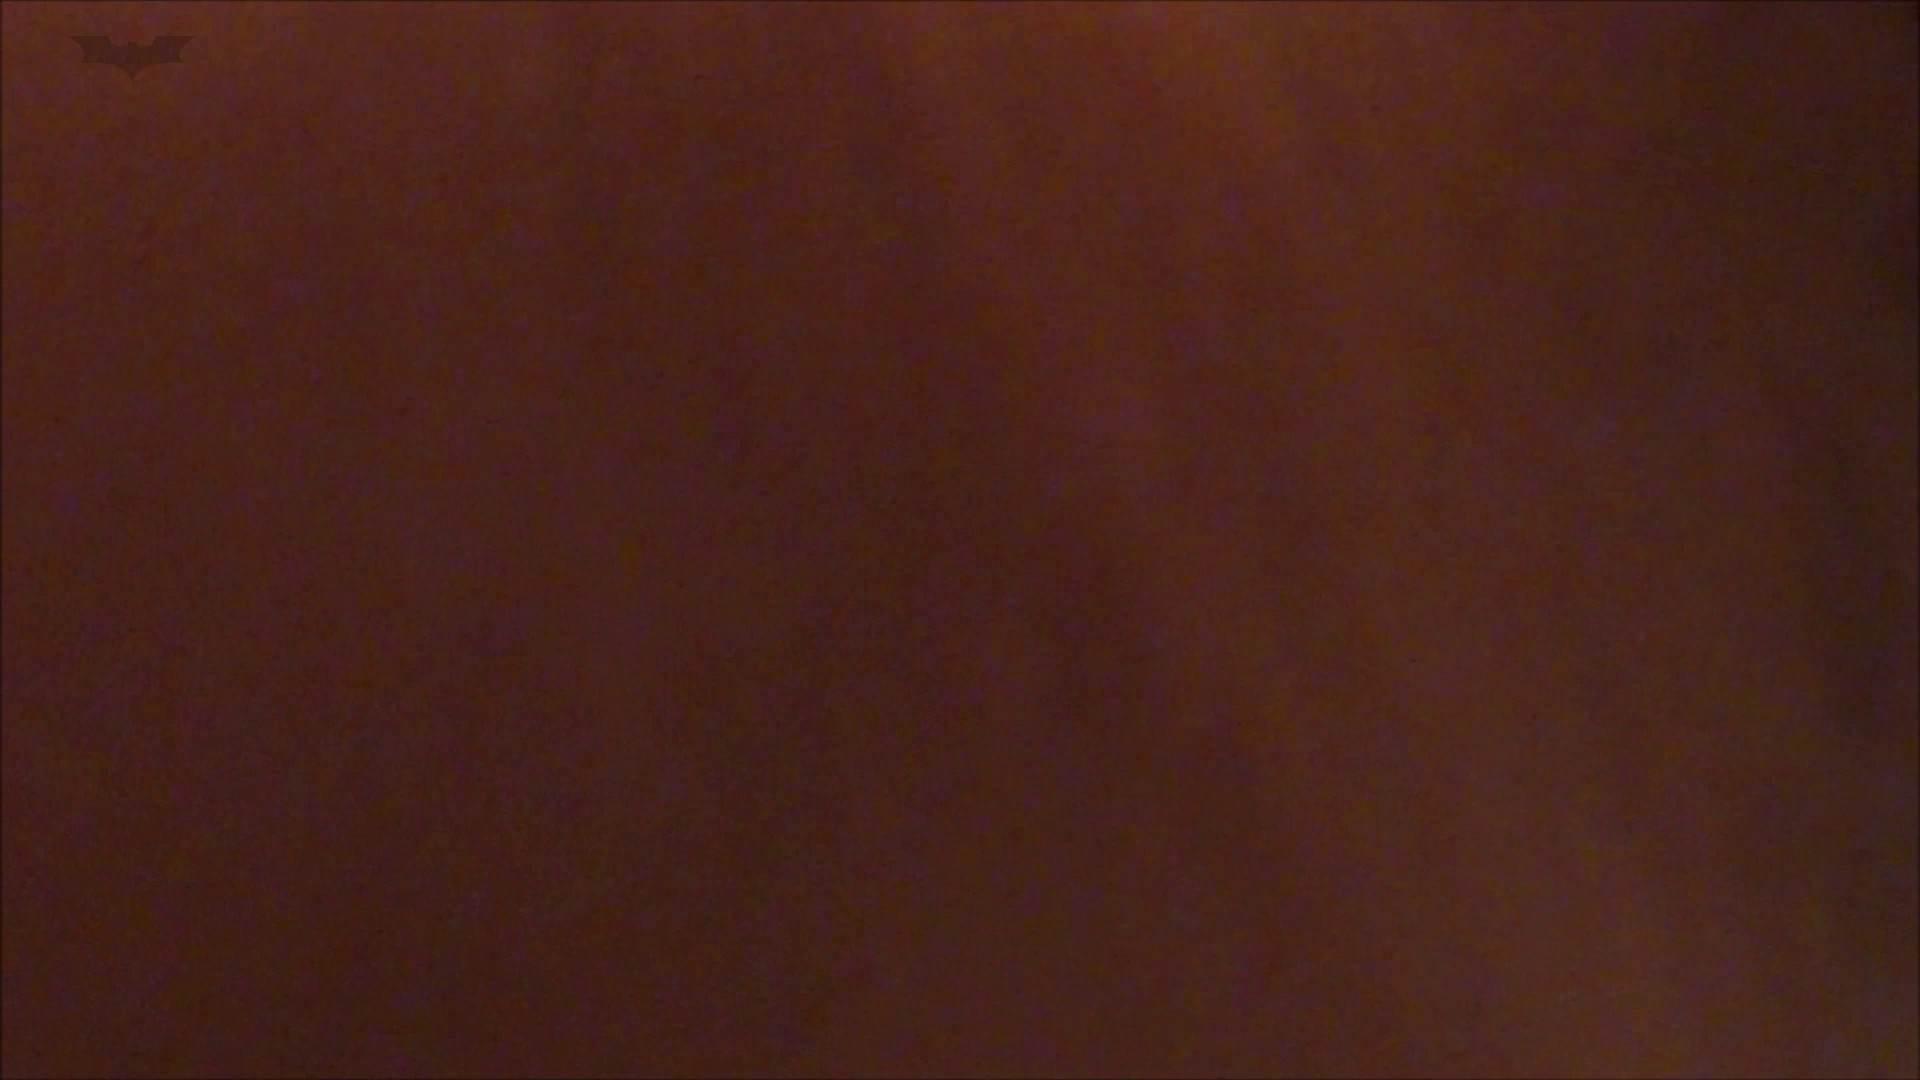 内緒でデリヘル盗撮 Vol.03中編 美肌、美人のデリ嬢にいよいよ挿入! OL女体 濡れ場動画紹介 91連発 58